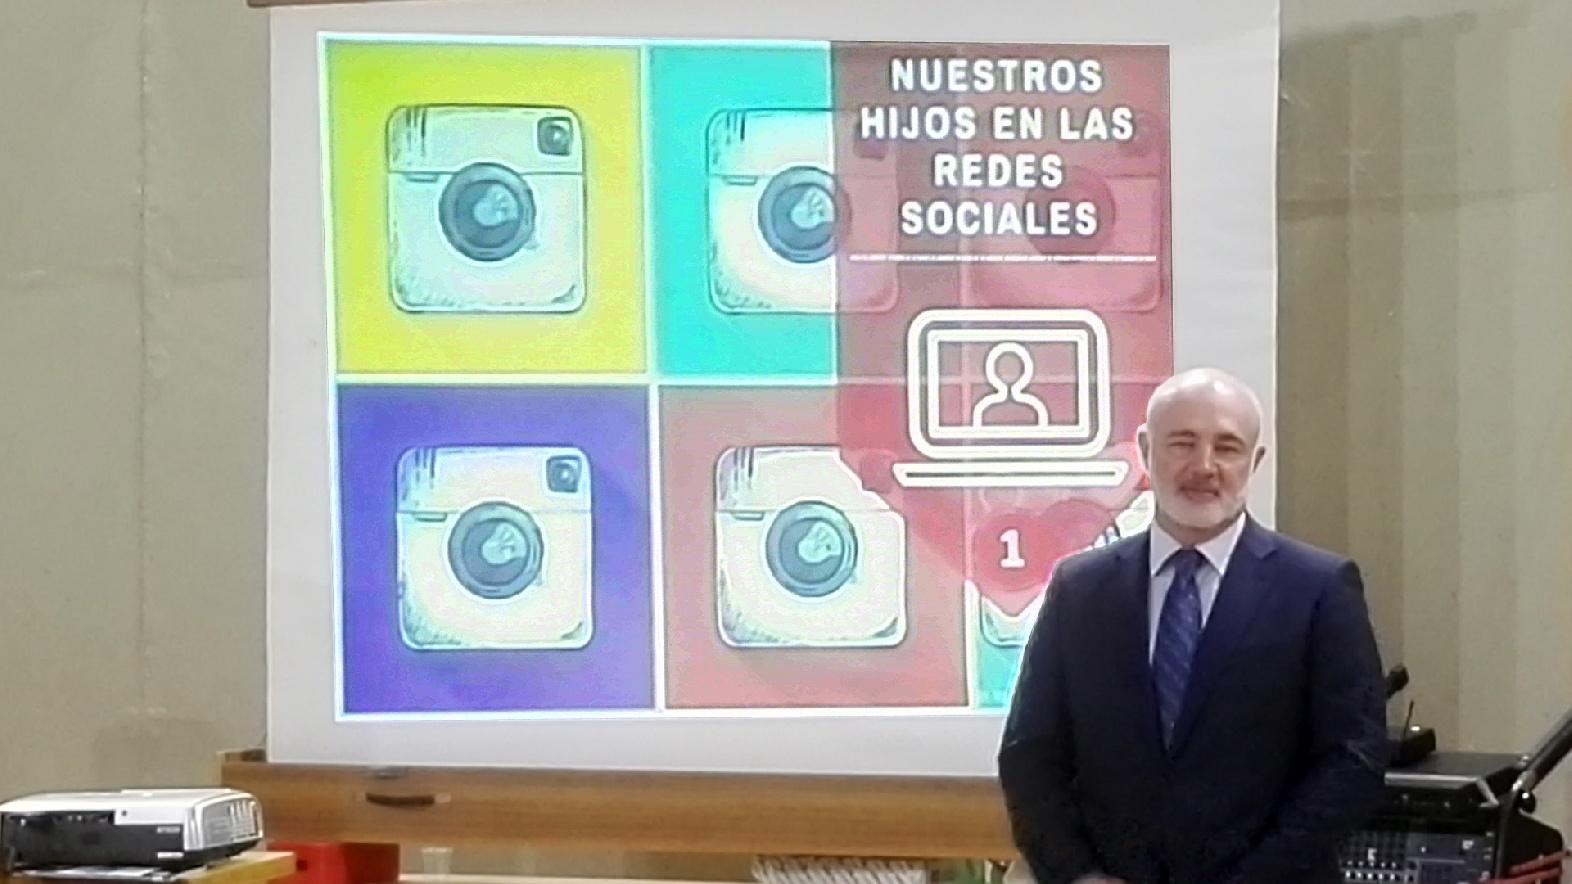 Nuestros hijos en las redes sociales: reputación digital